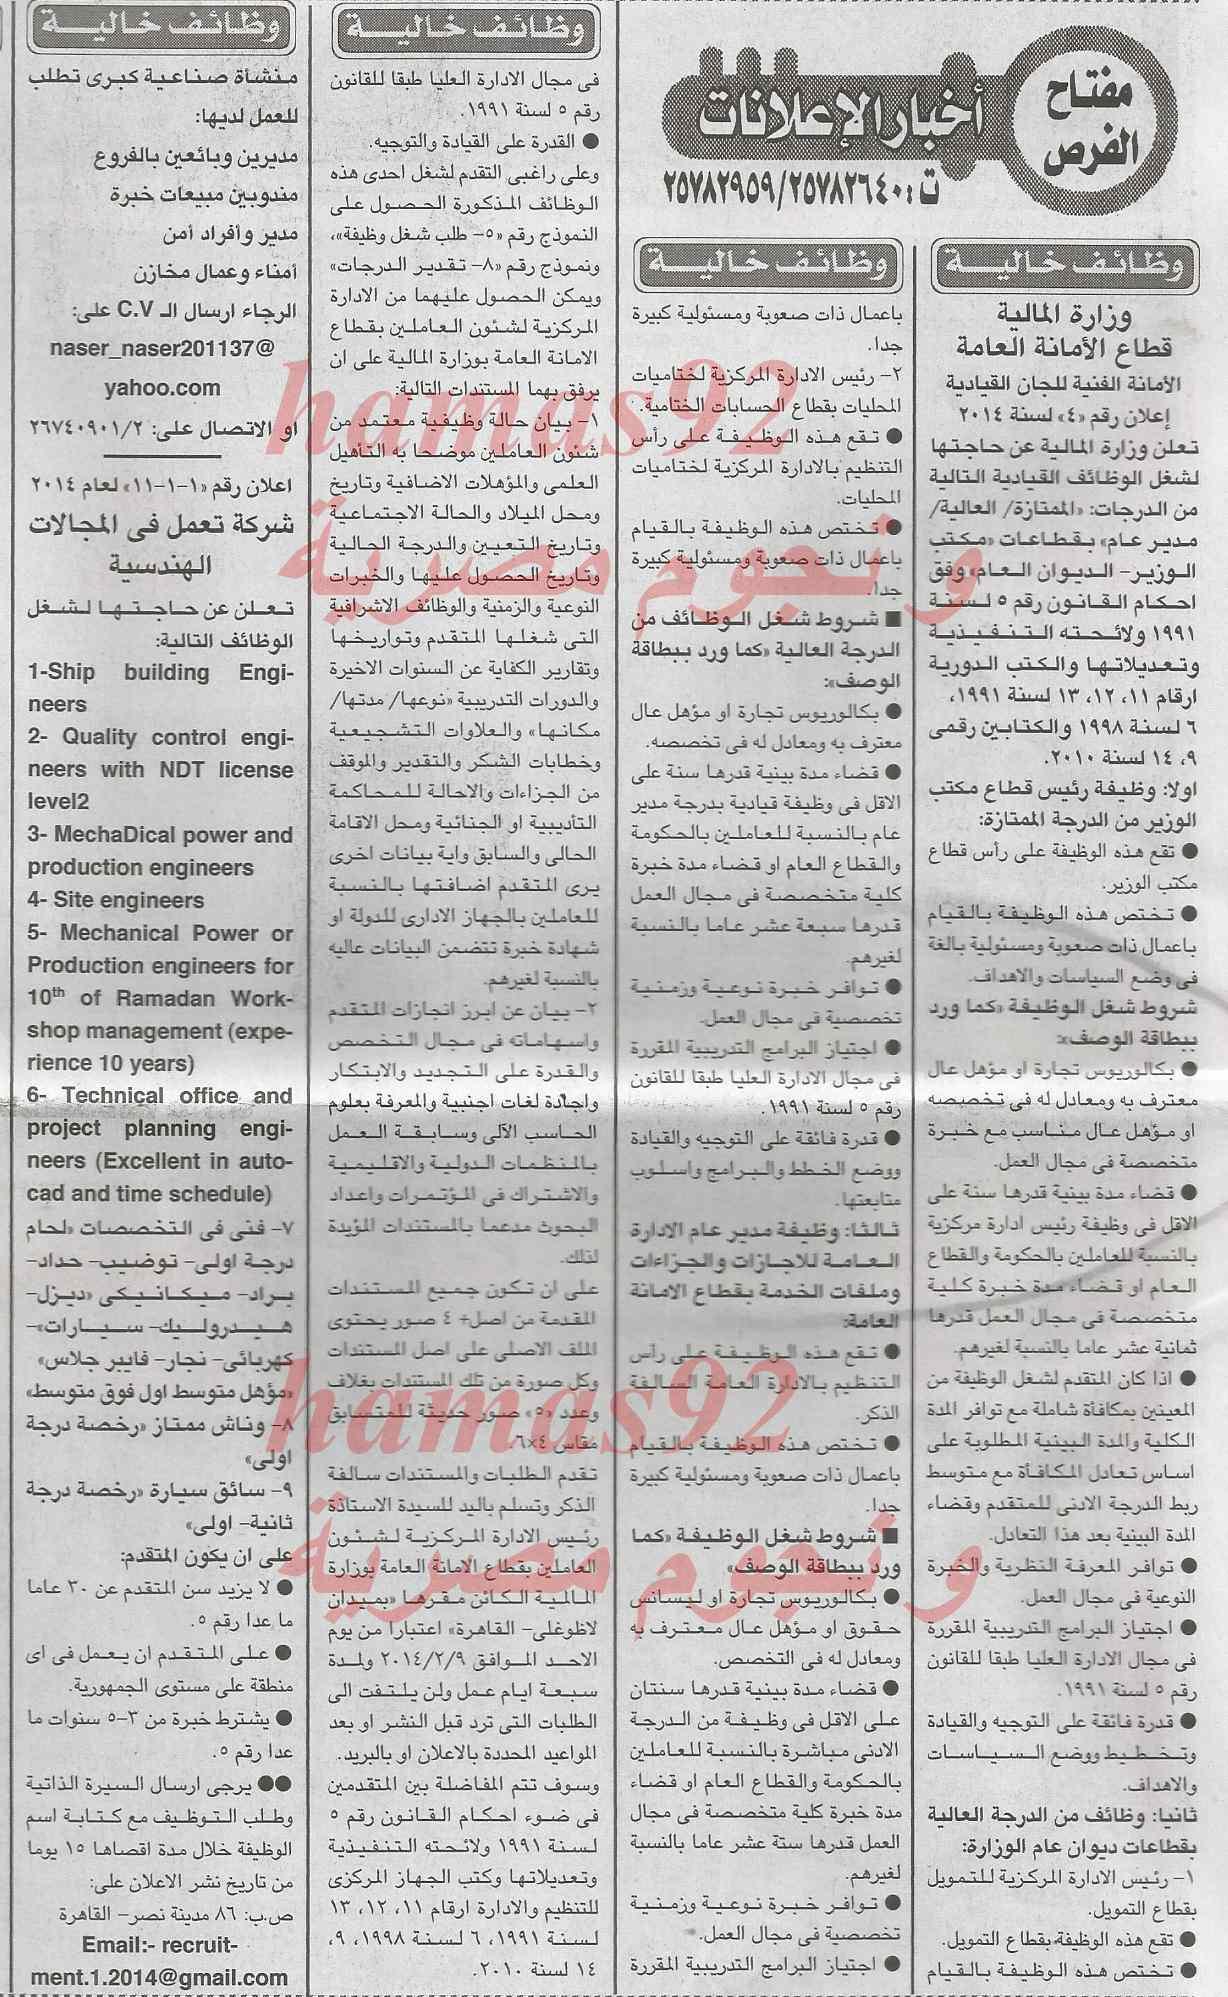 وظائف جريدة الاخبار اليوم السبت 8-2-2014 , وظائف خالية اليوم 8 فبراير 2014